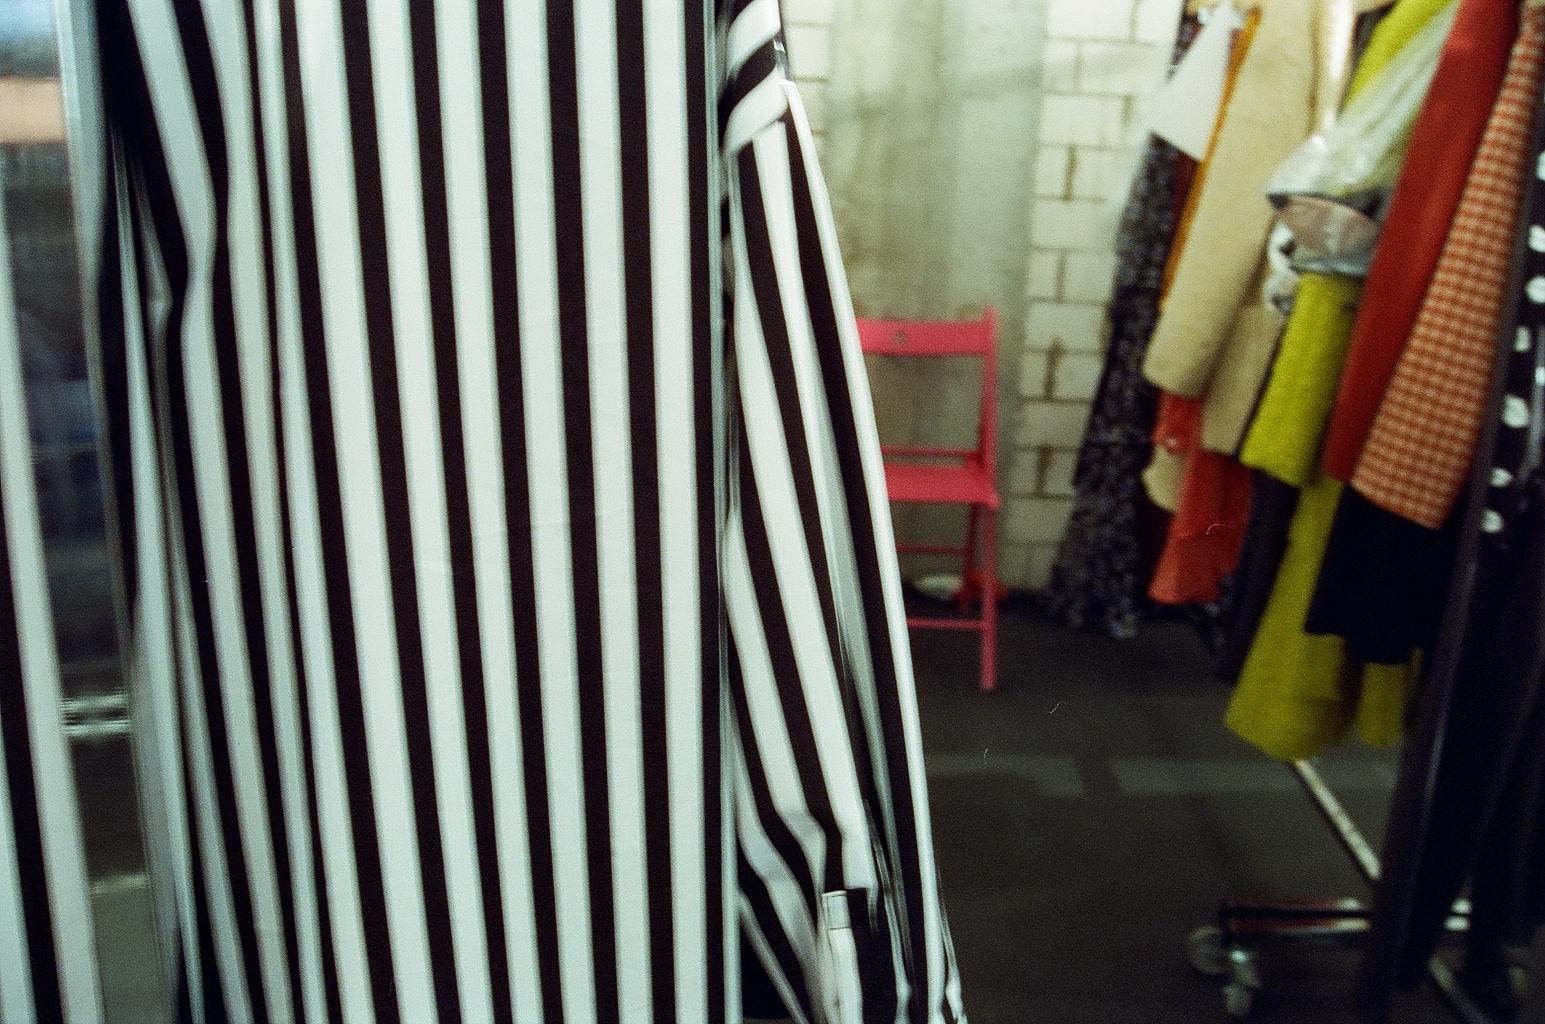 honigschreck_ honigstein _ fashionweek _ odeeh (6).jpg